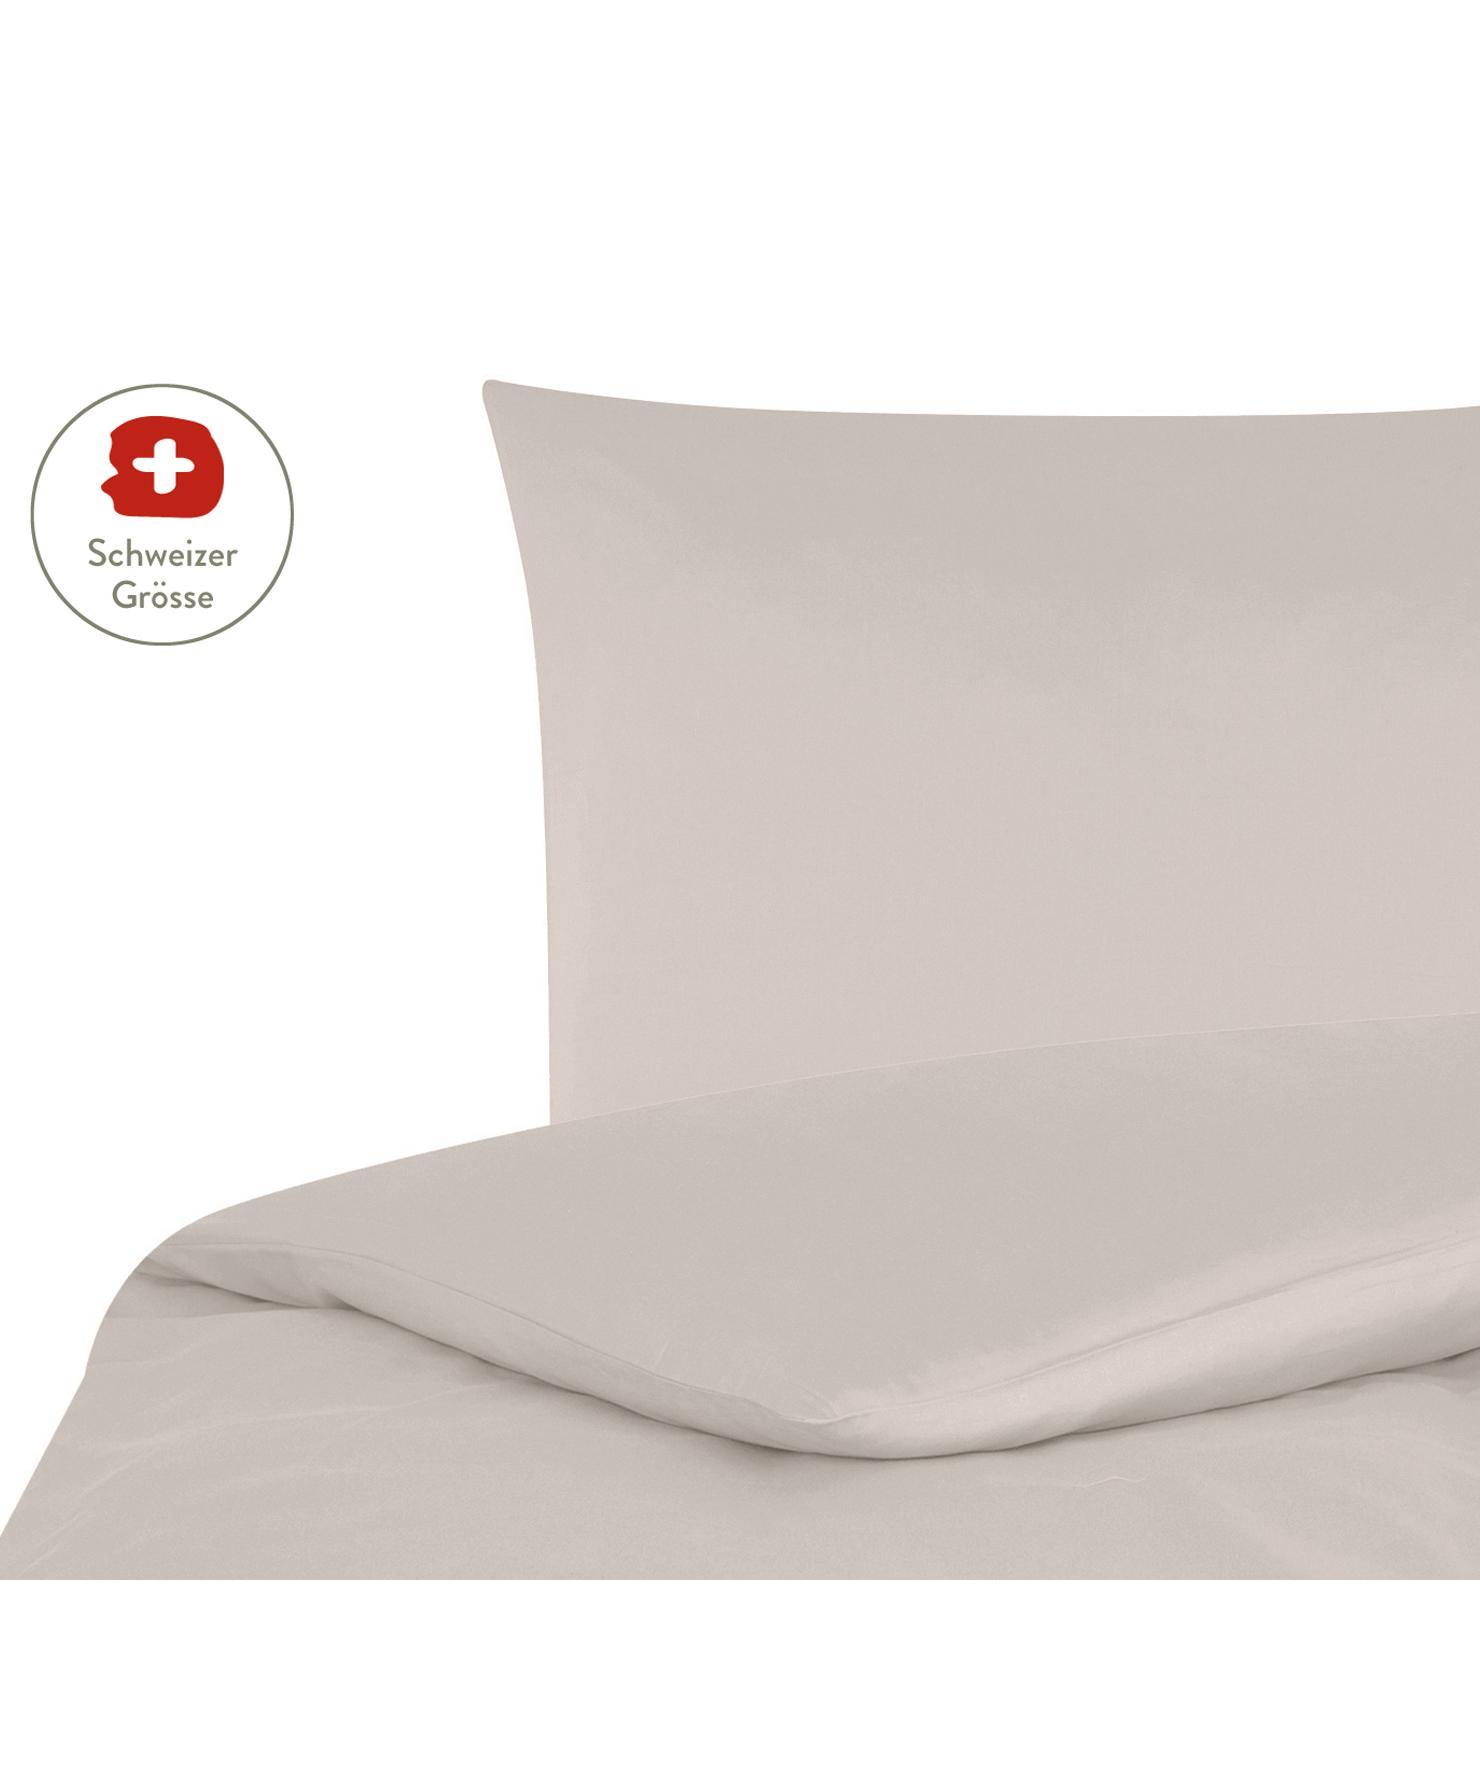 Baumwollsatin-Bettdeckenbezug Comfort in Taupe, Webart: Satin, leicht glänzend Fa, Taupe, 160 x 210 cm